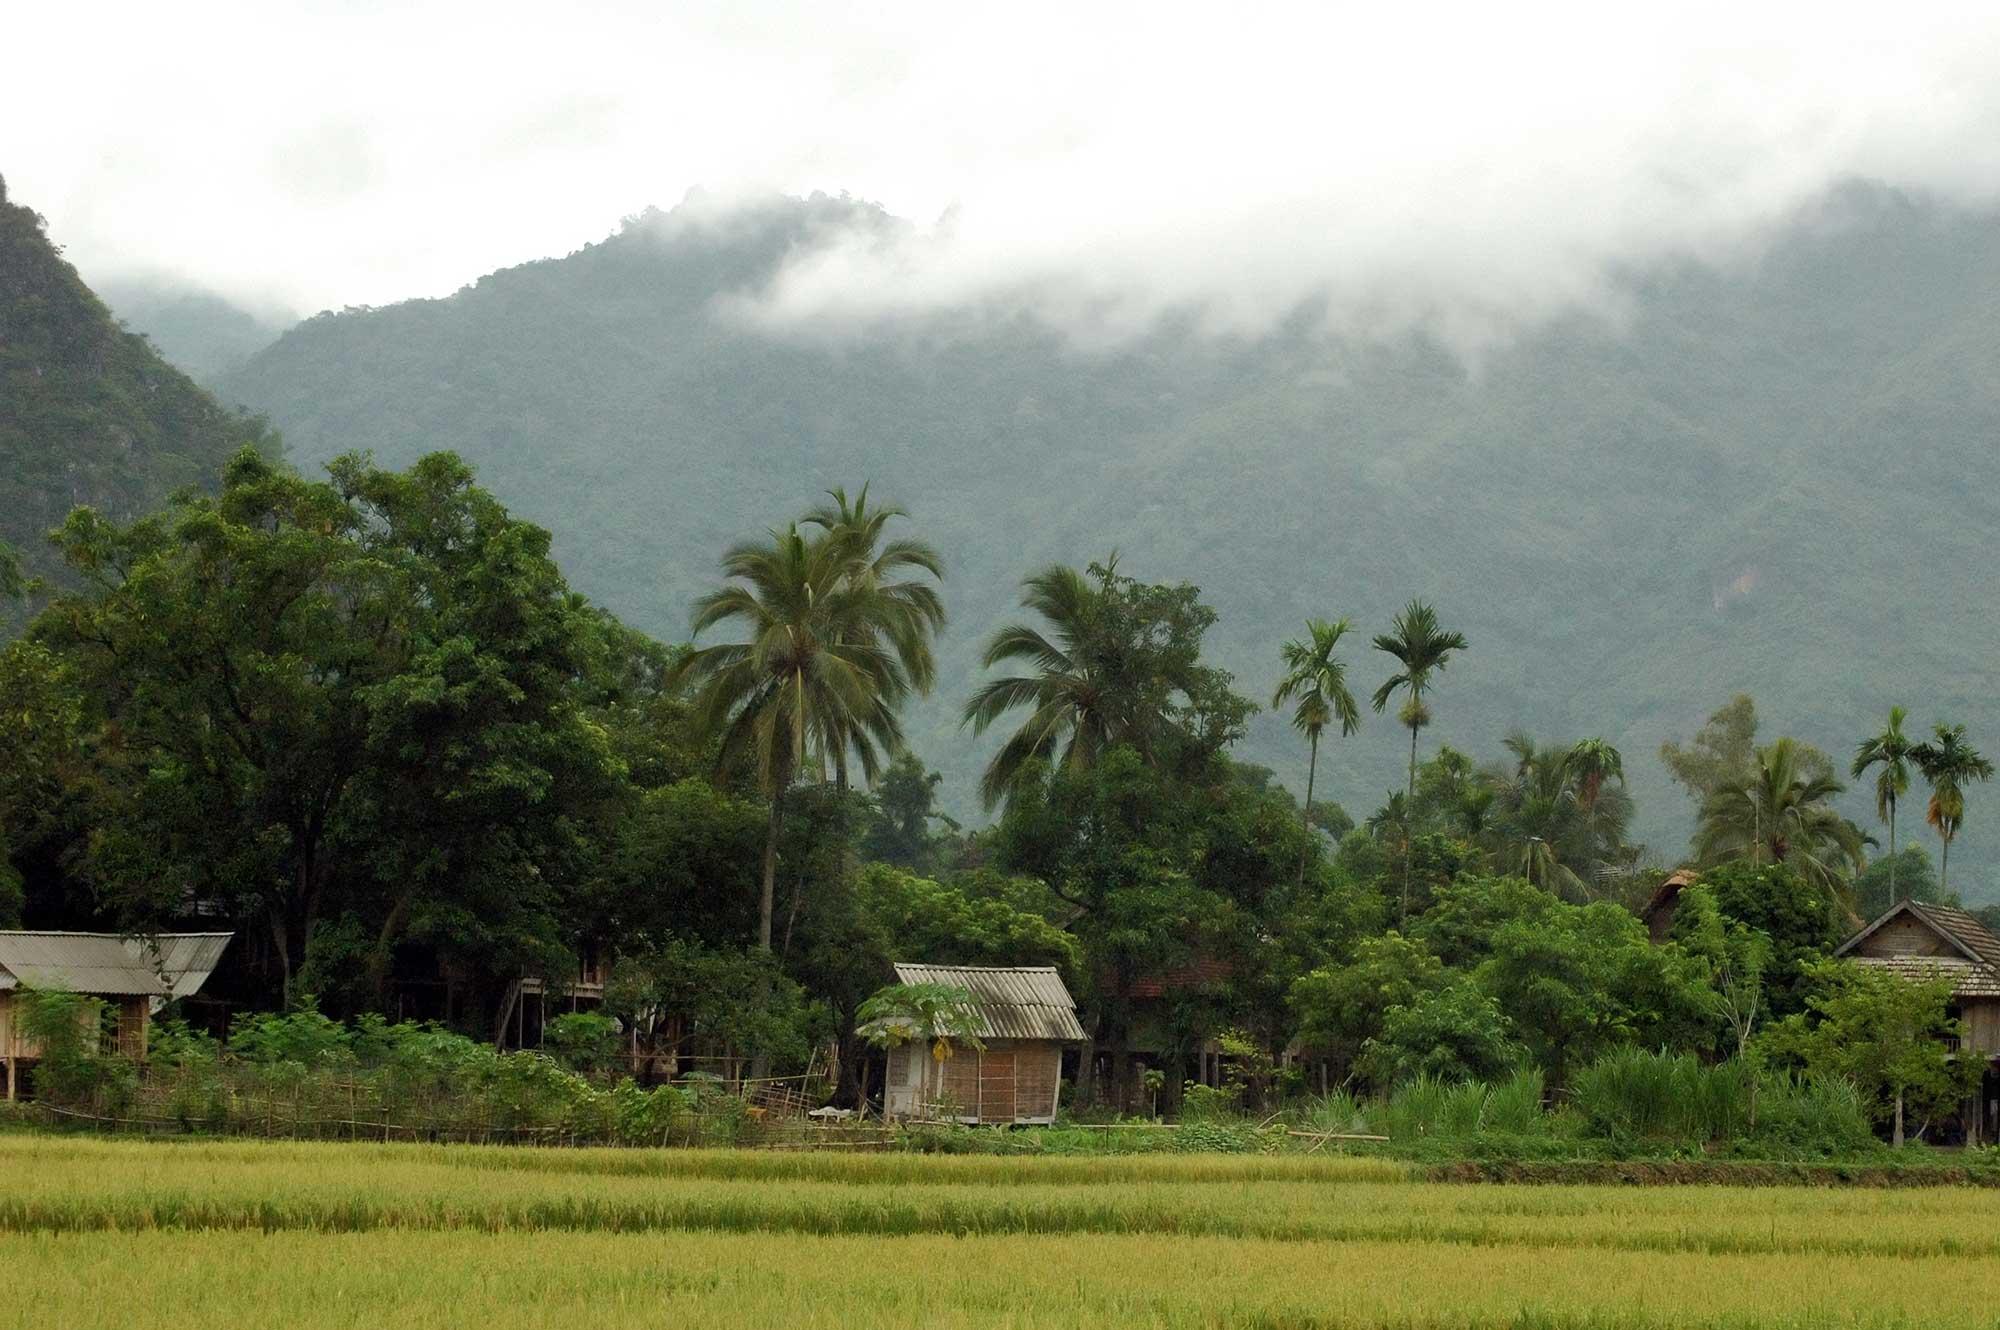 Couple BELIN – Montagnes du Nord Vietnam et Delta du Mékong – Avril 2012 (15 jours)